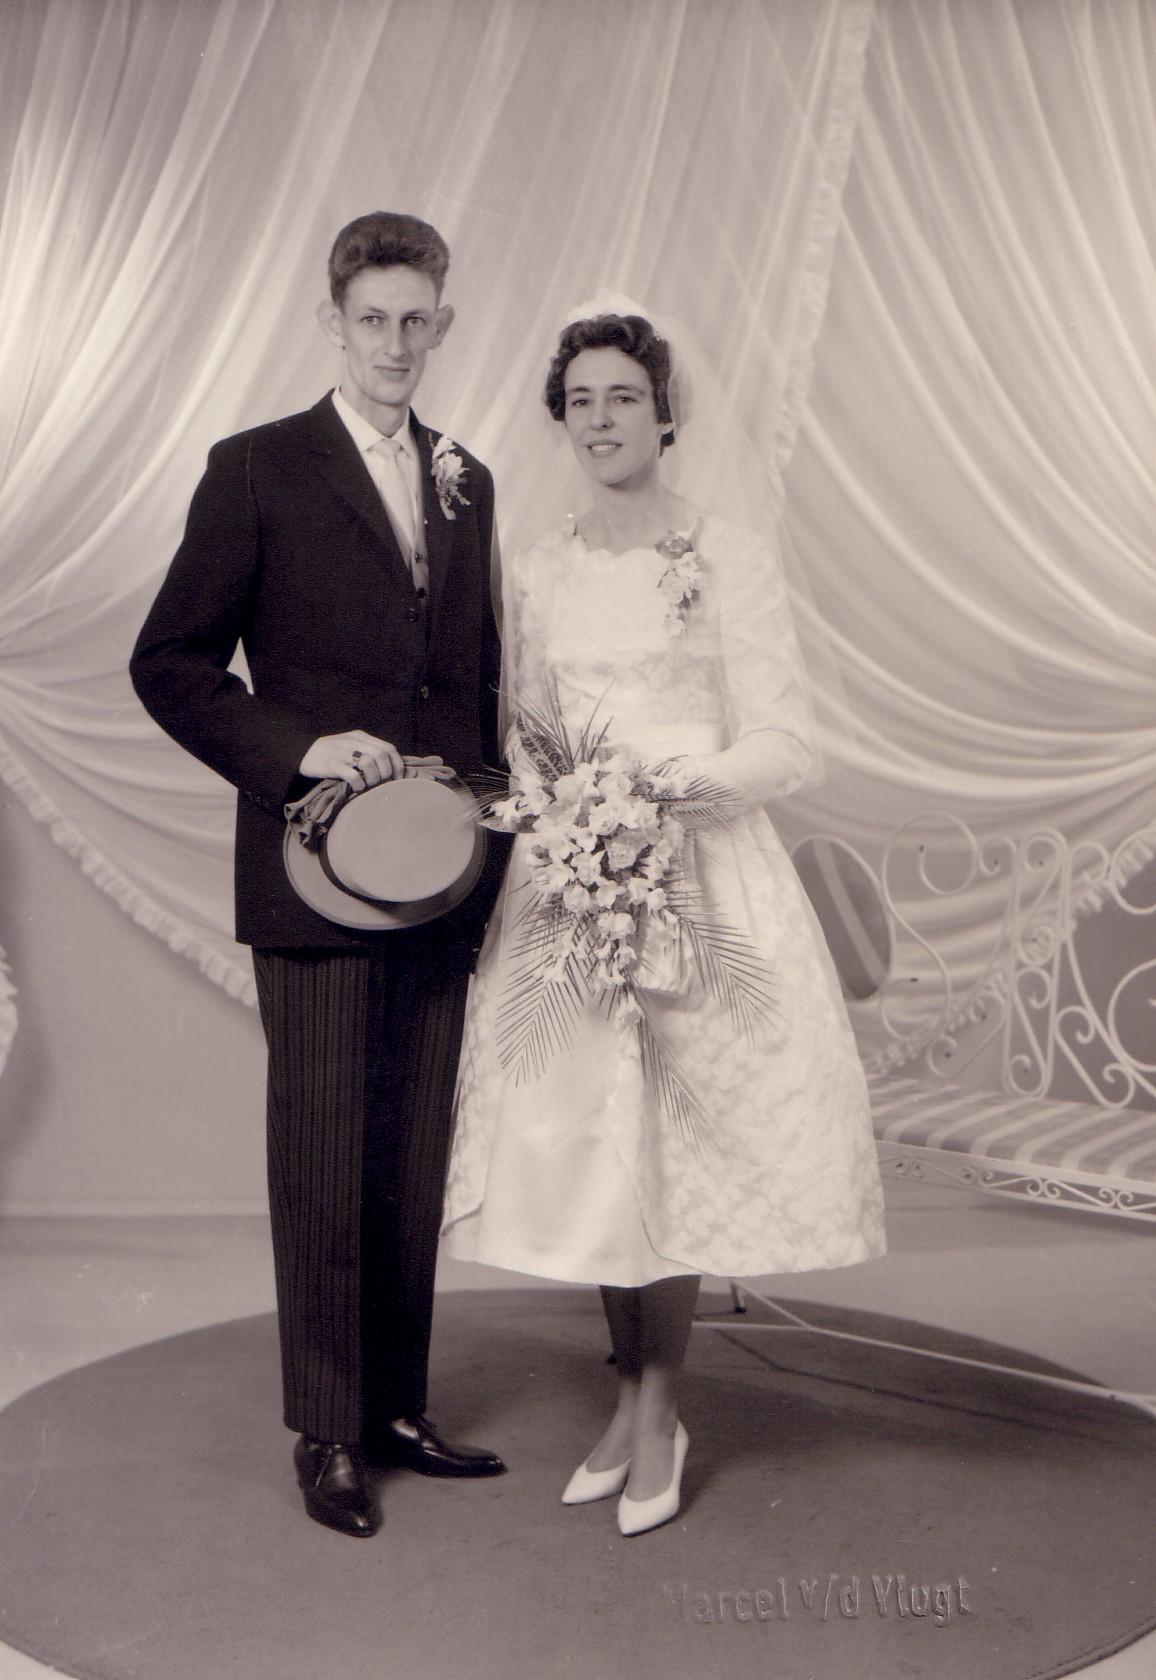 Huwelijk Hendrina M. van Eijmeren en Dirk van Velden (1961)